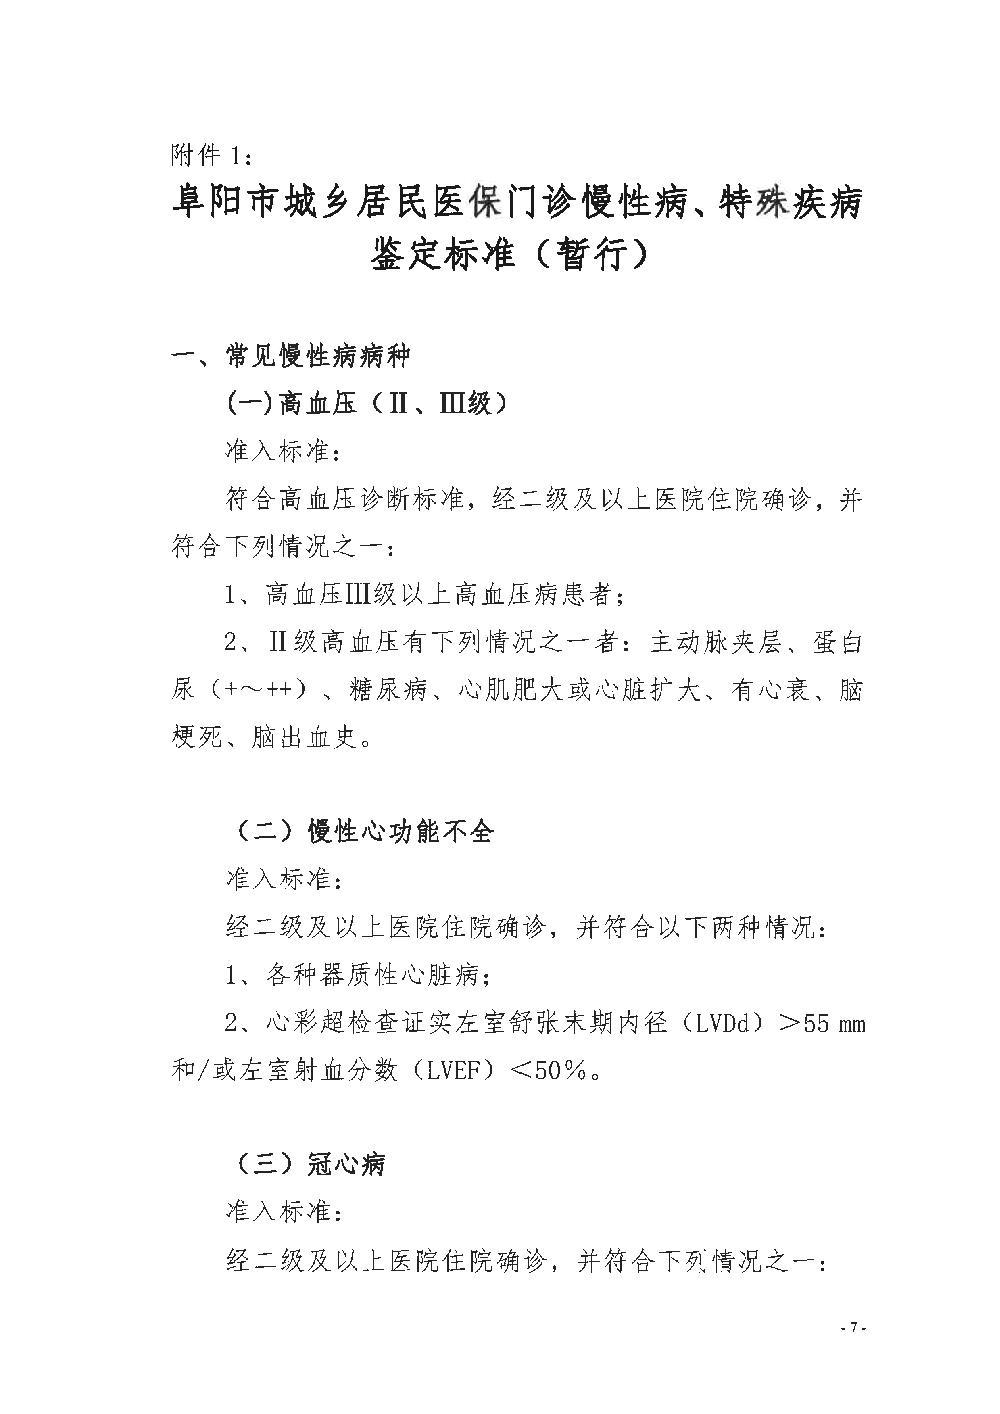 阜阳市城乡居民慢性病管理办法(1)_7.JPG